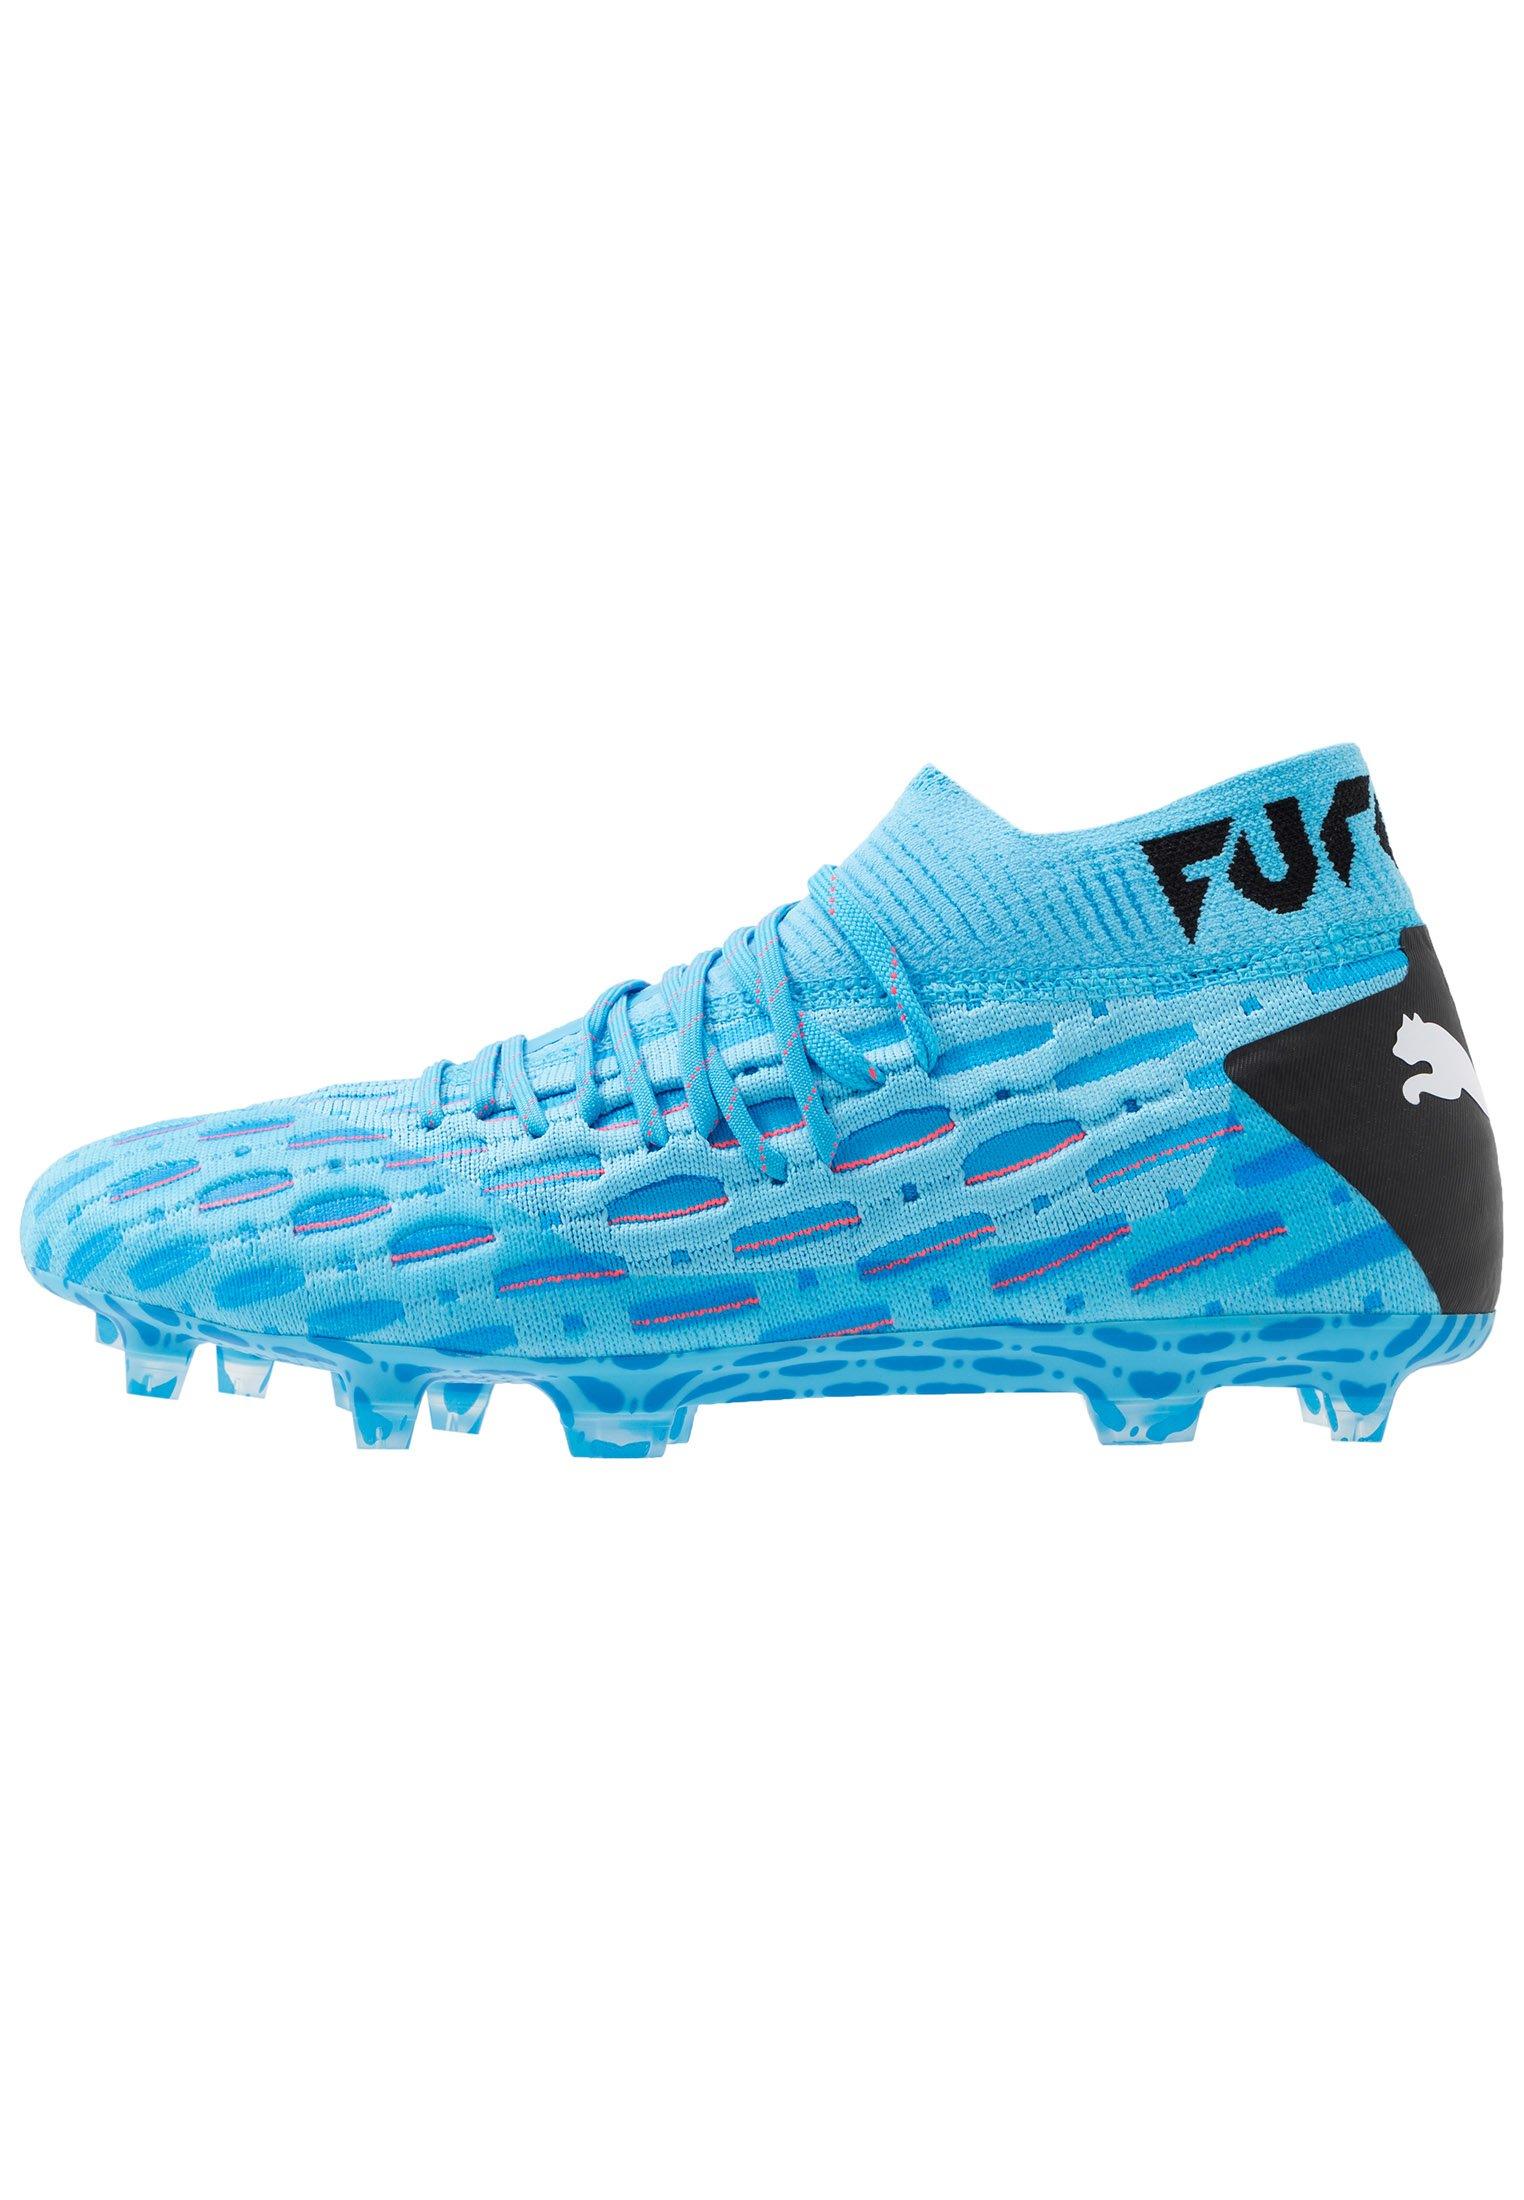 FUTURE 5.1 NETFIT FGAG Voetbalschoenen met kunststof noppen luminous bluenrgy blueblackpink alert